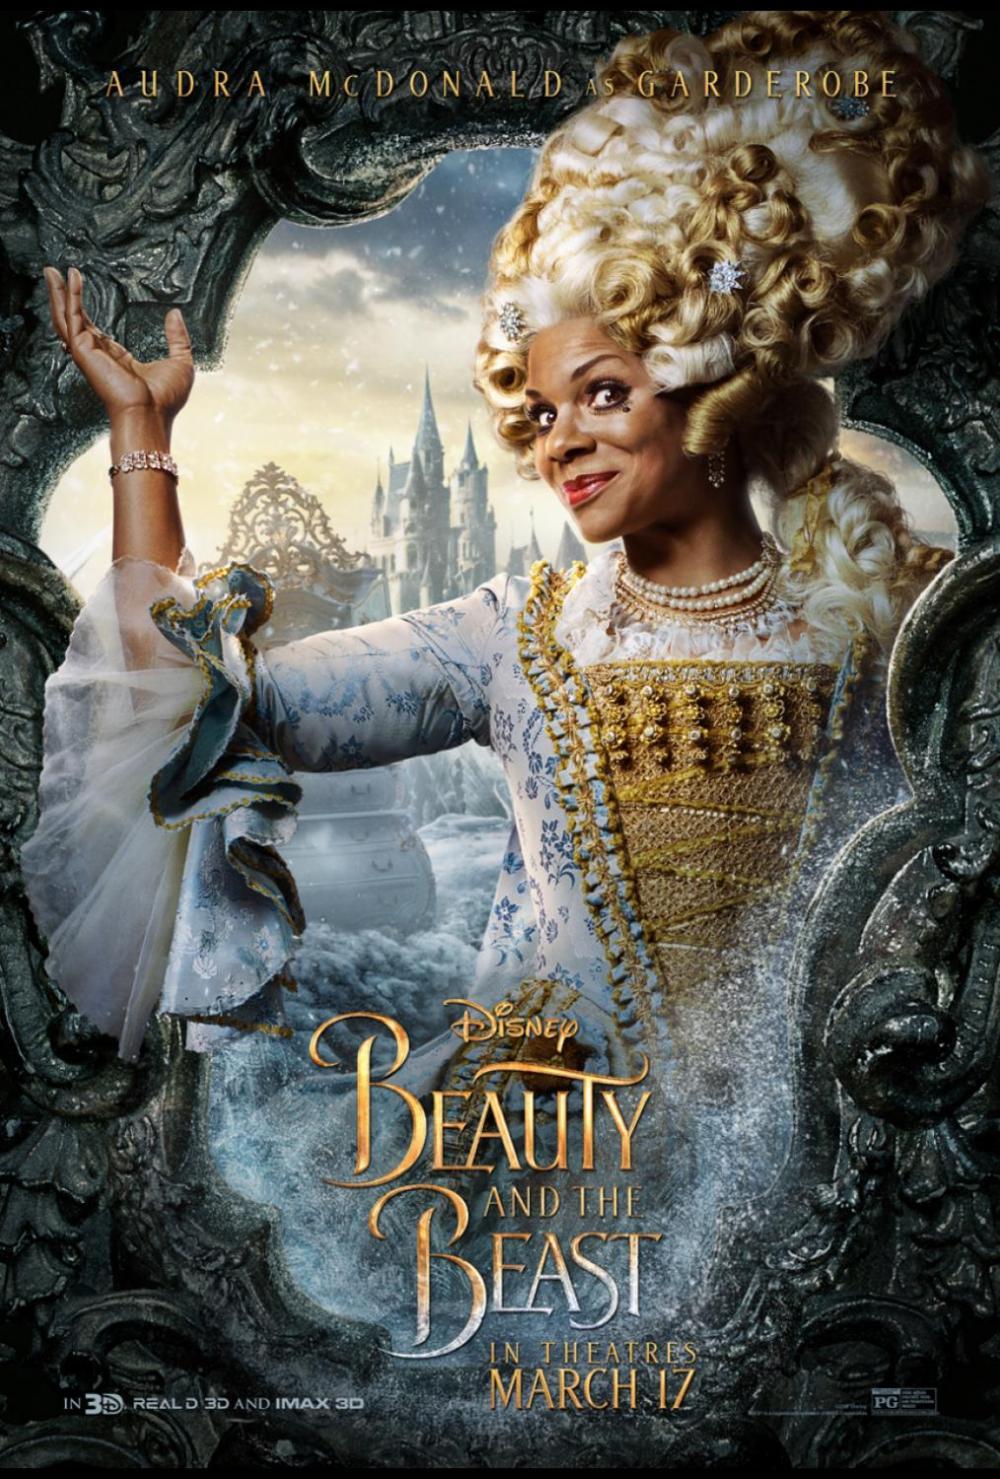 BeautyAndTheBeast588a51d90b3ce.jpg